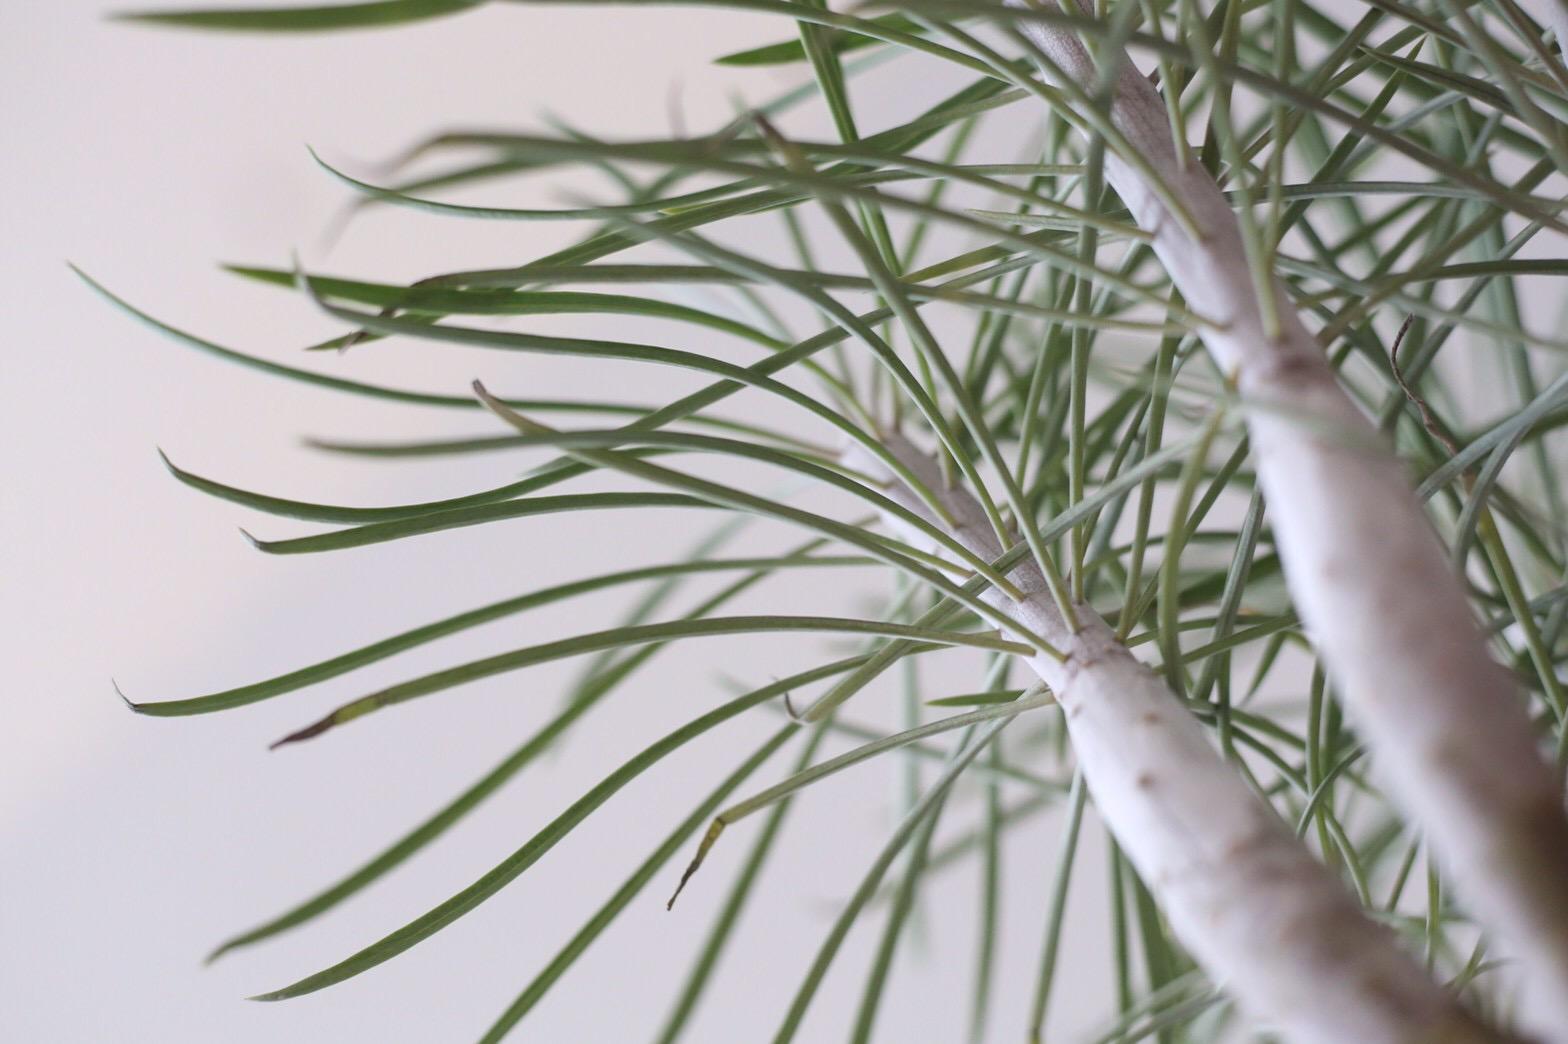 テナガザル植物2